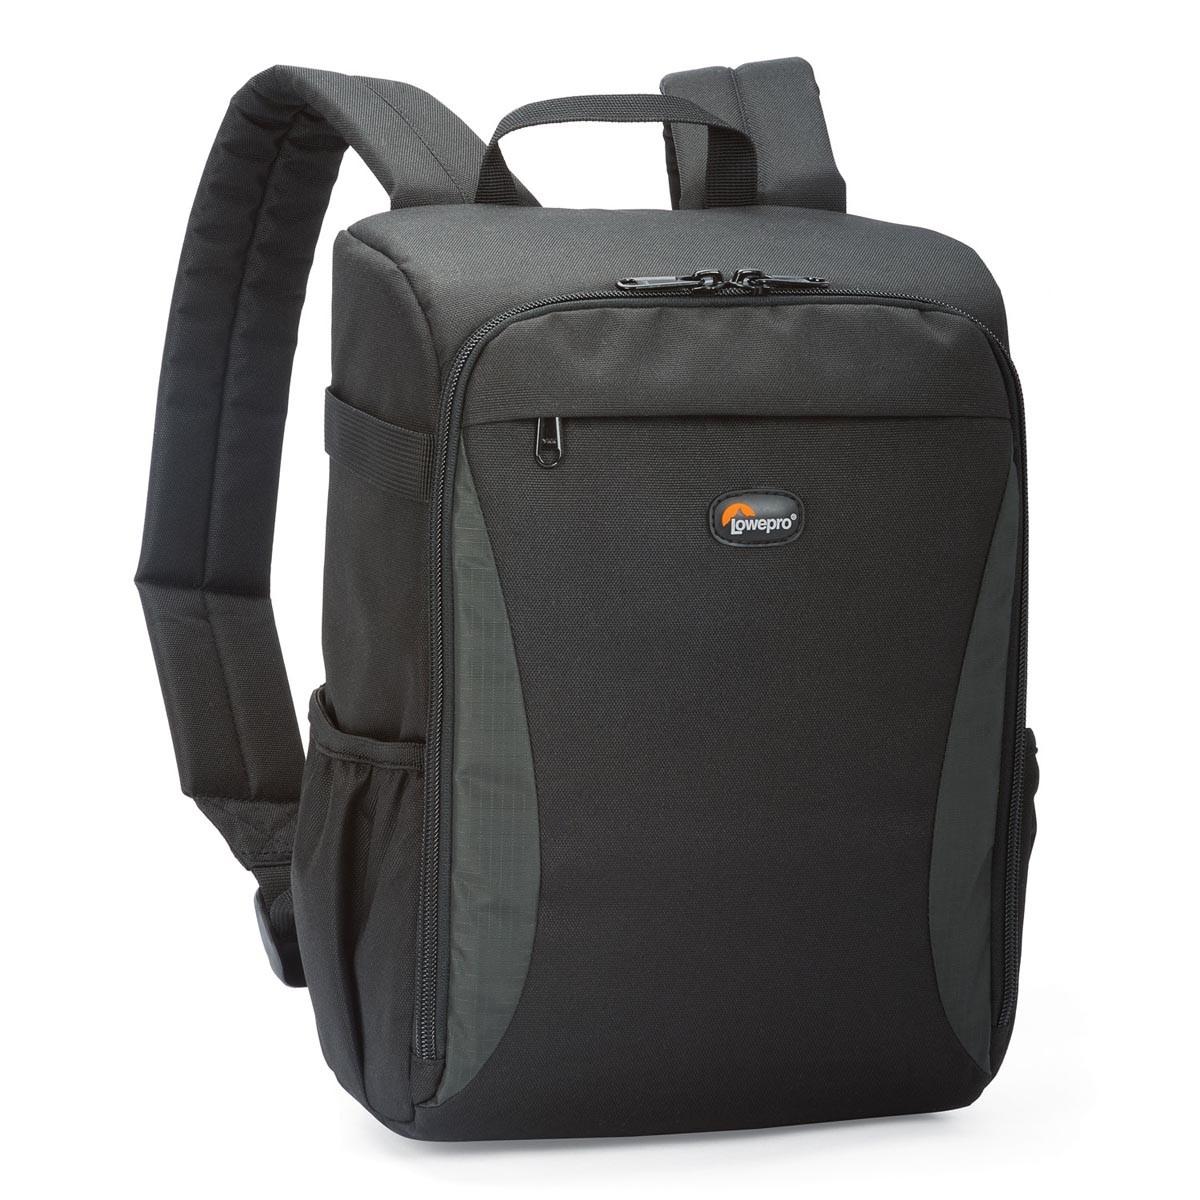 1200x1200 Format Backpack 150 Lowepro